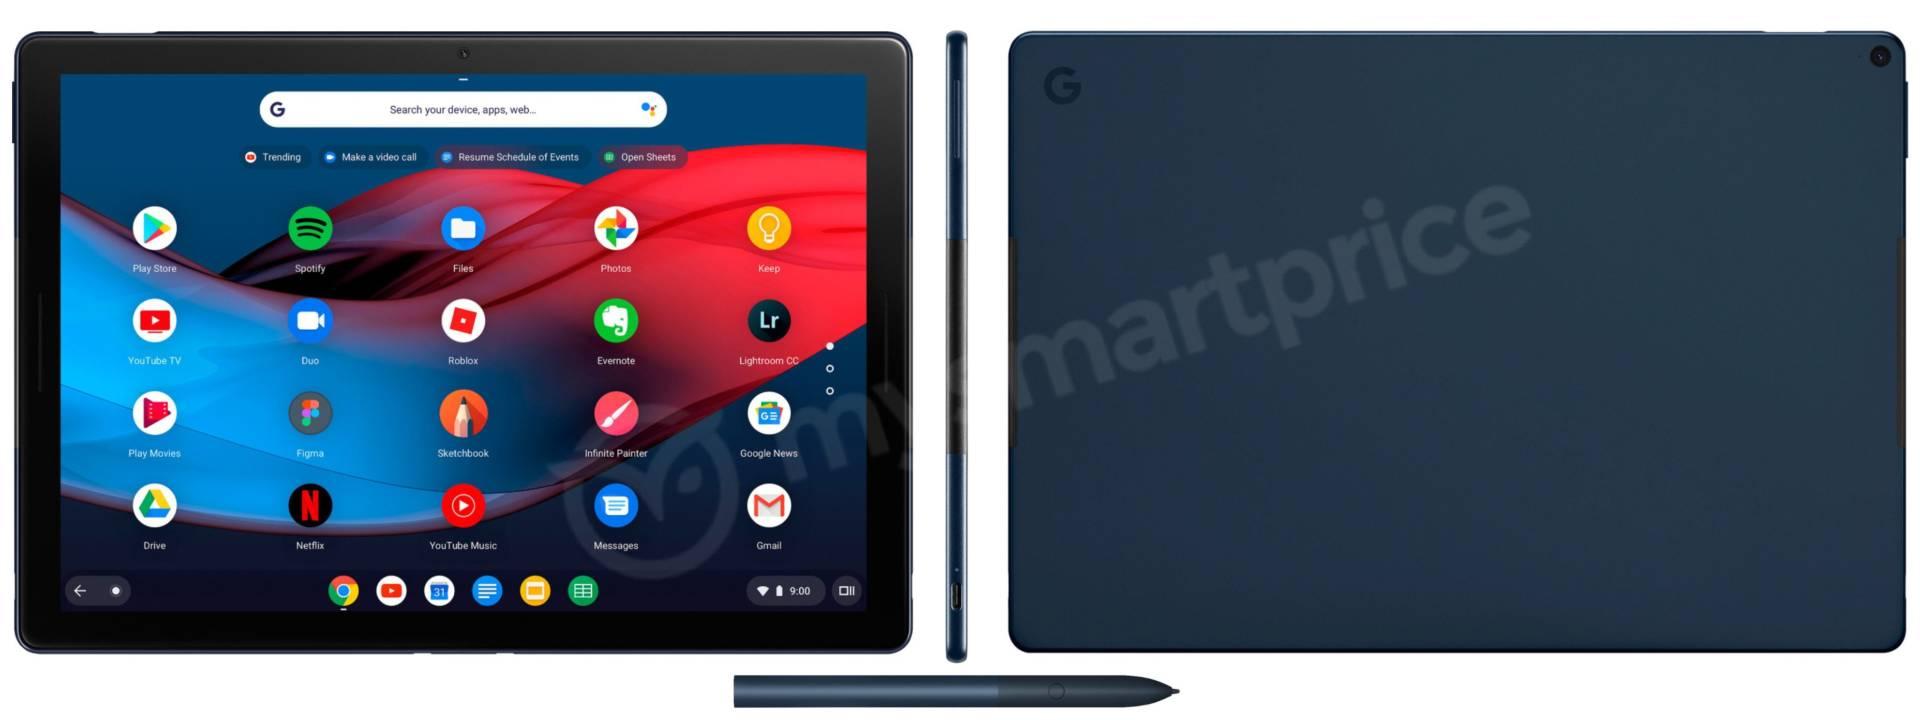 Google Pixel Slate: in arrivo il concorrente diretto di iPad?